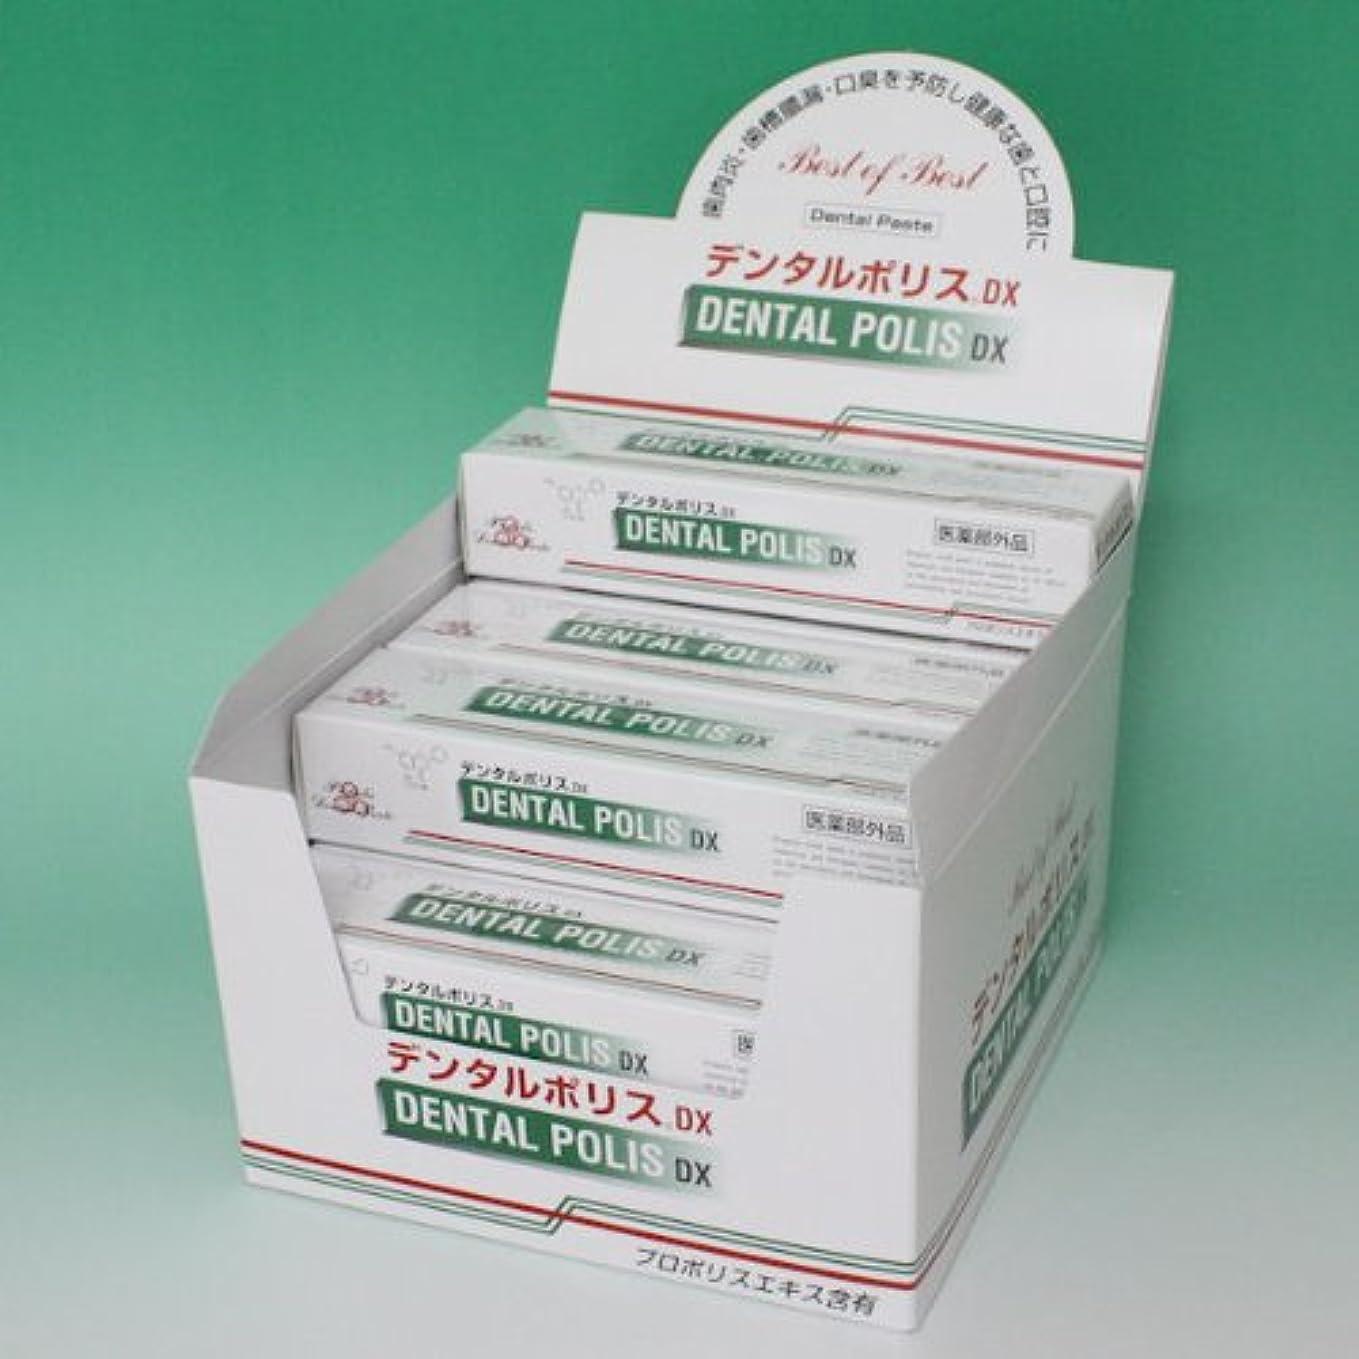 触覚クローン切り刻むデンタルポリスDX 80g  12本セット 医薬部外品  歯みがき 8gサンプル2本 進呈!